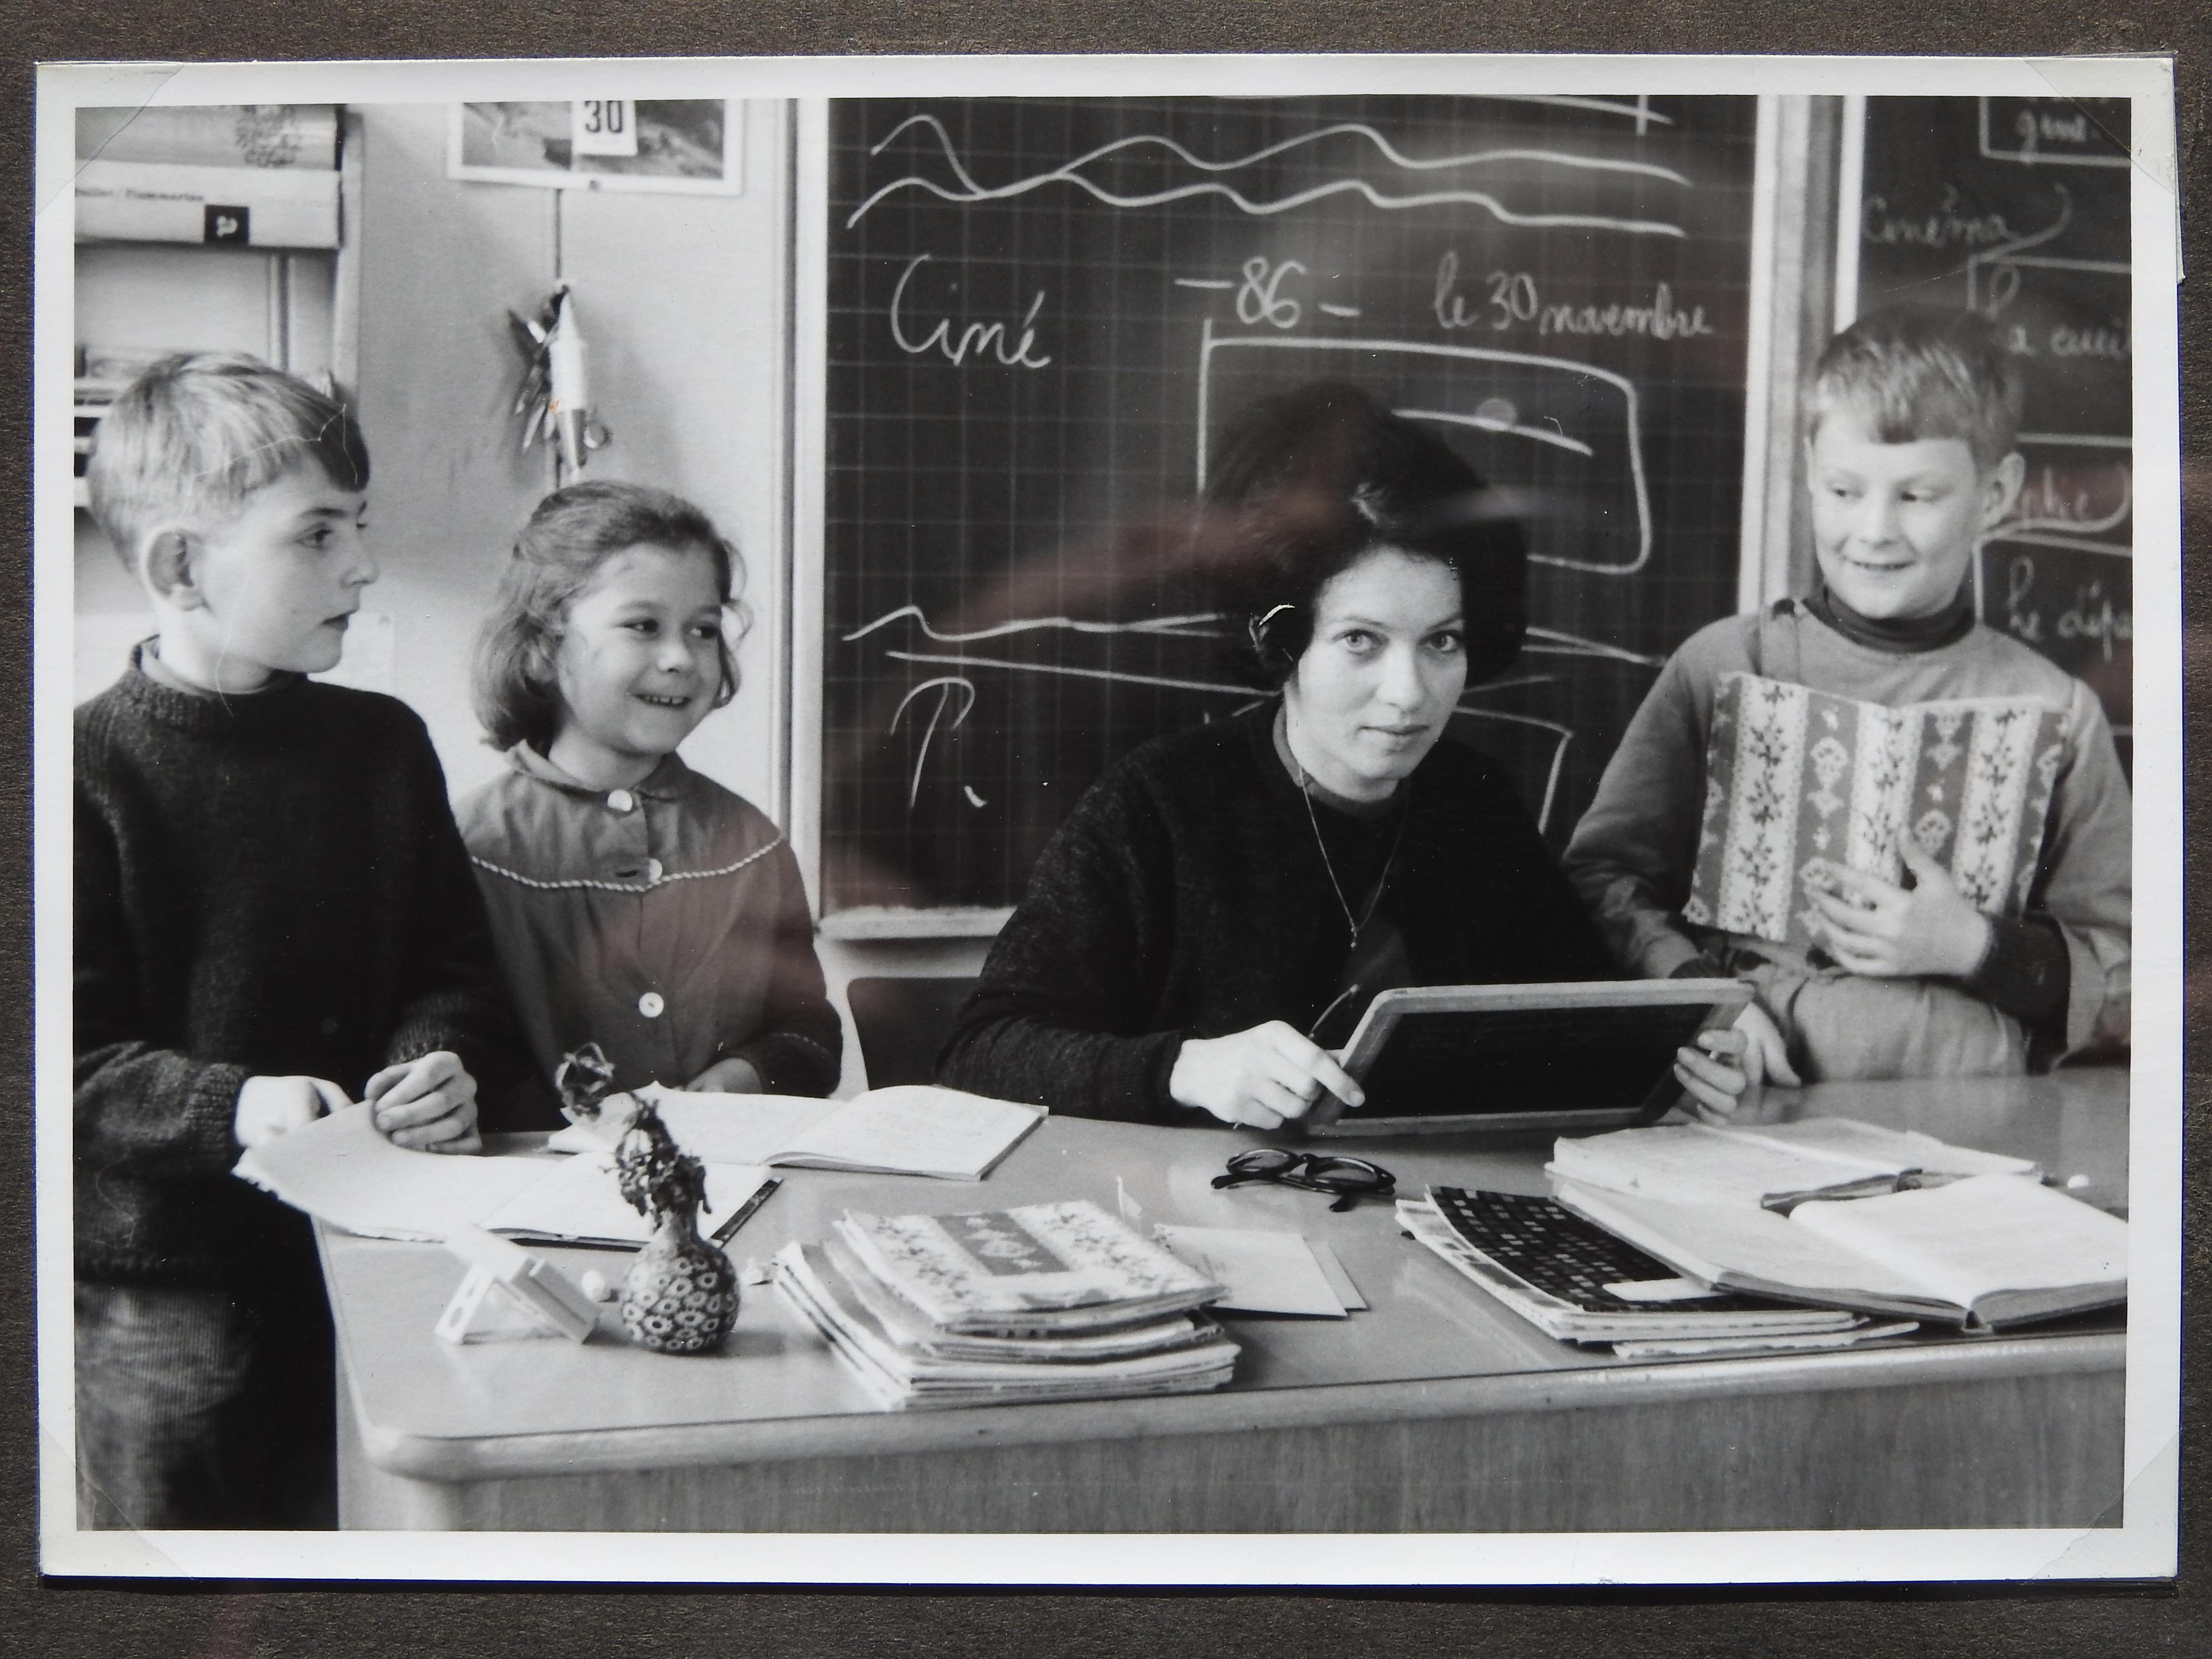 Bettens classe école ~1966